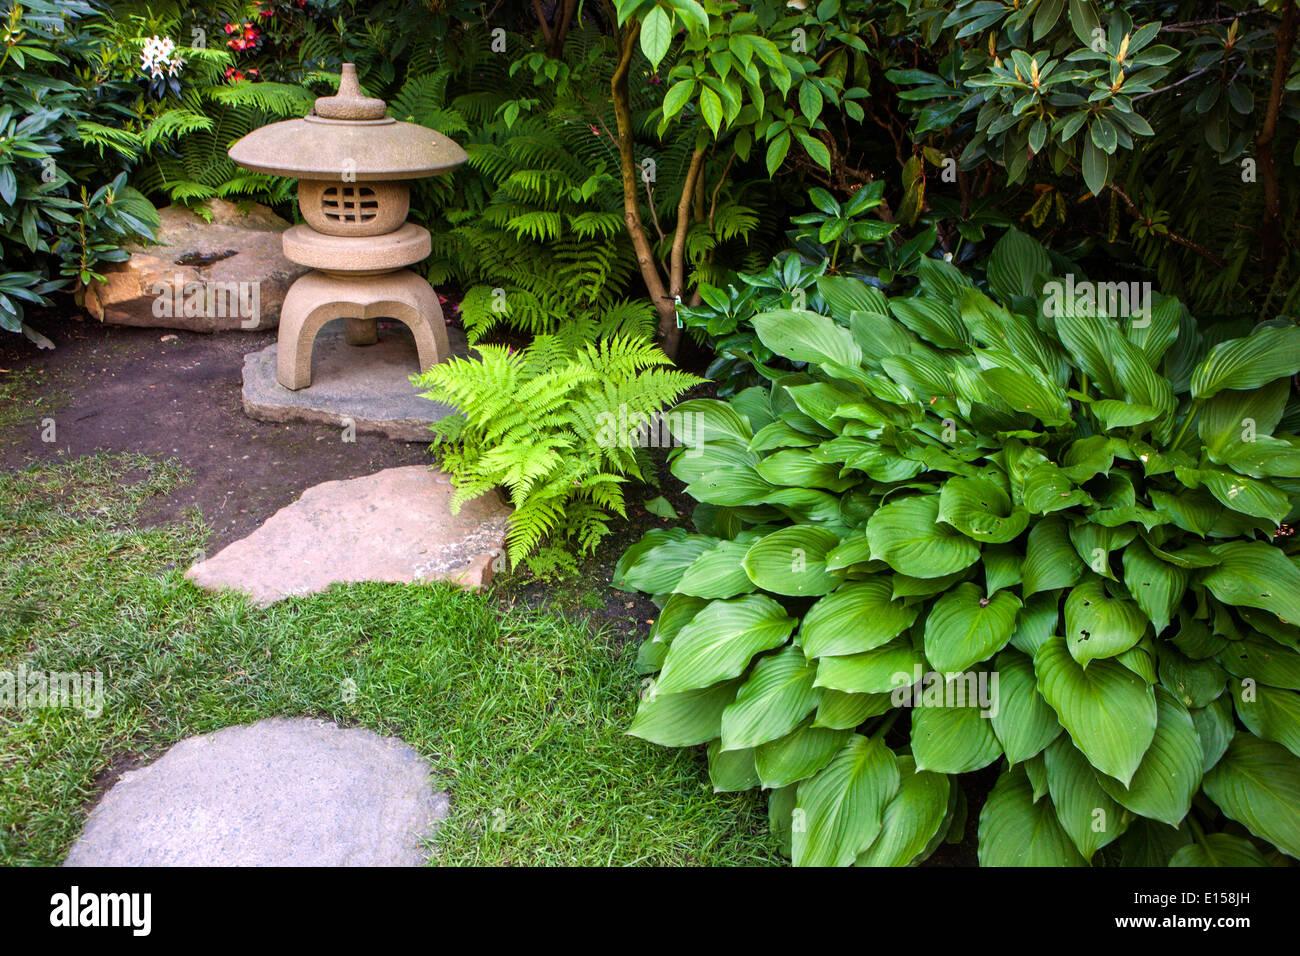 Hosta, Pflanzen für den schattigen Teil des Garten, japanische ...